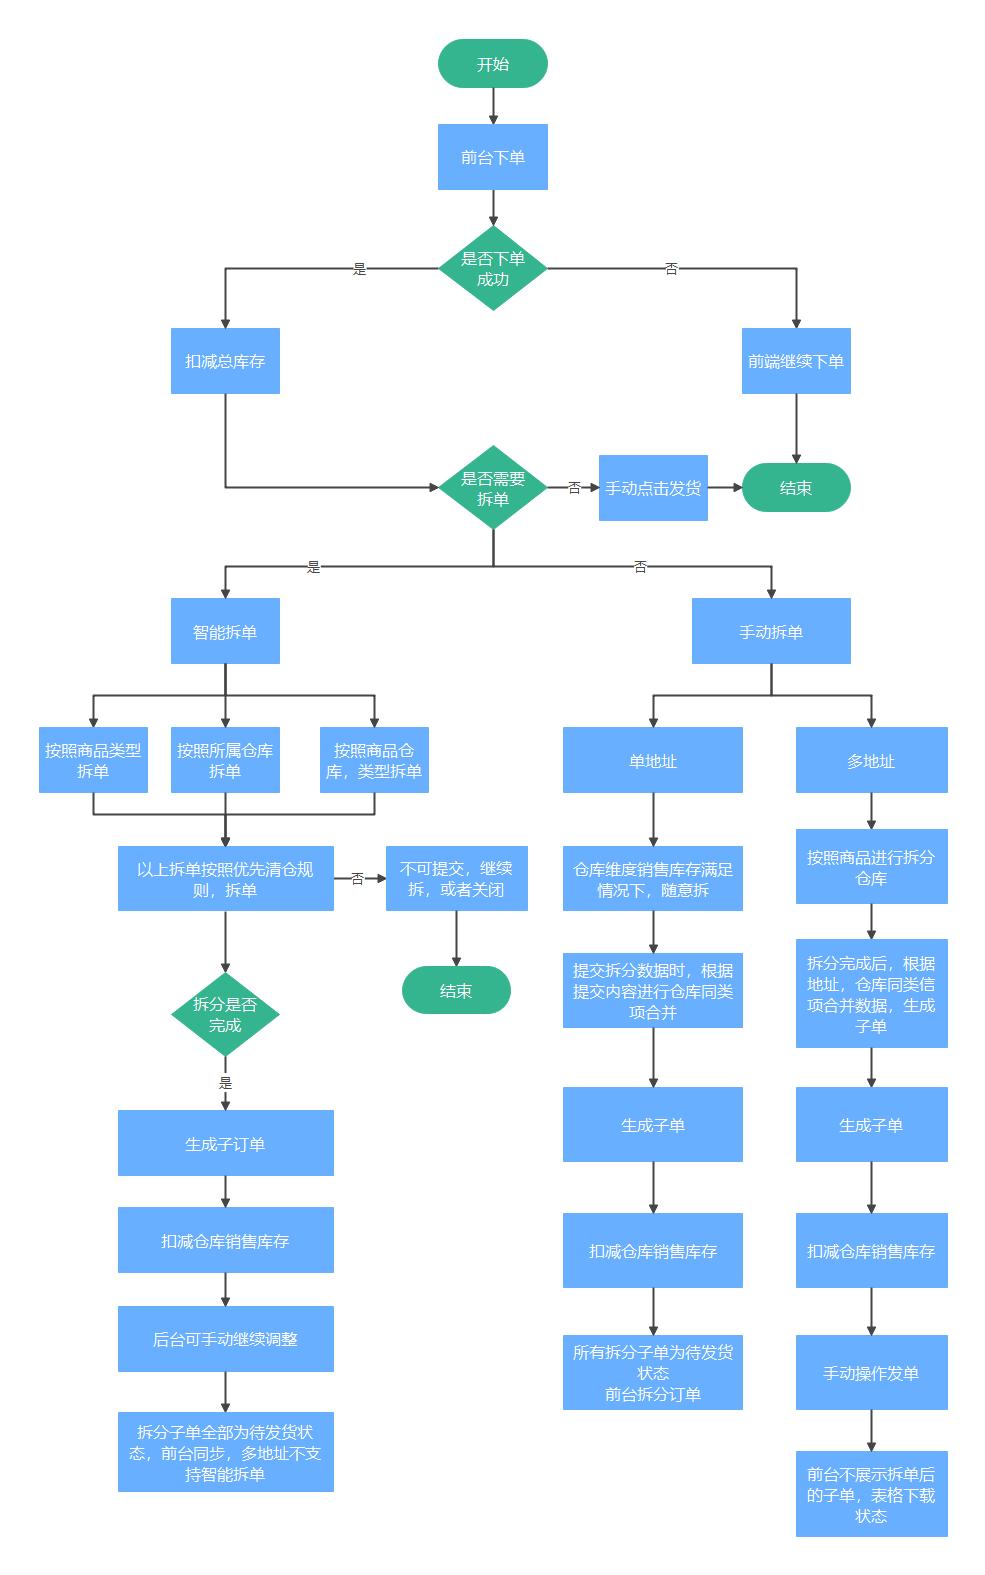 电商商城交易拆单流程